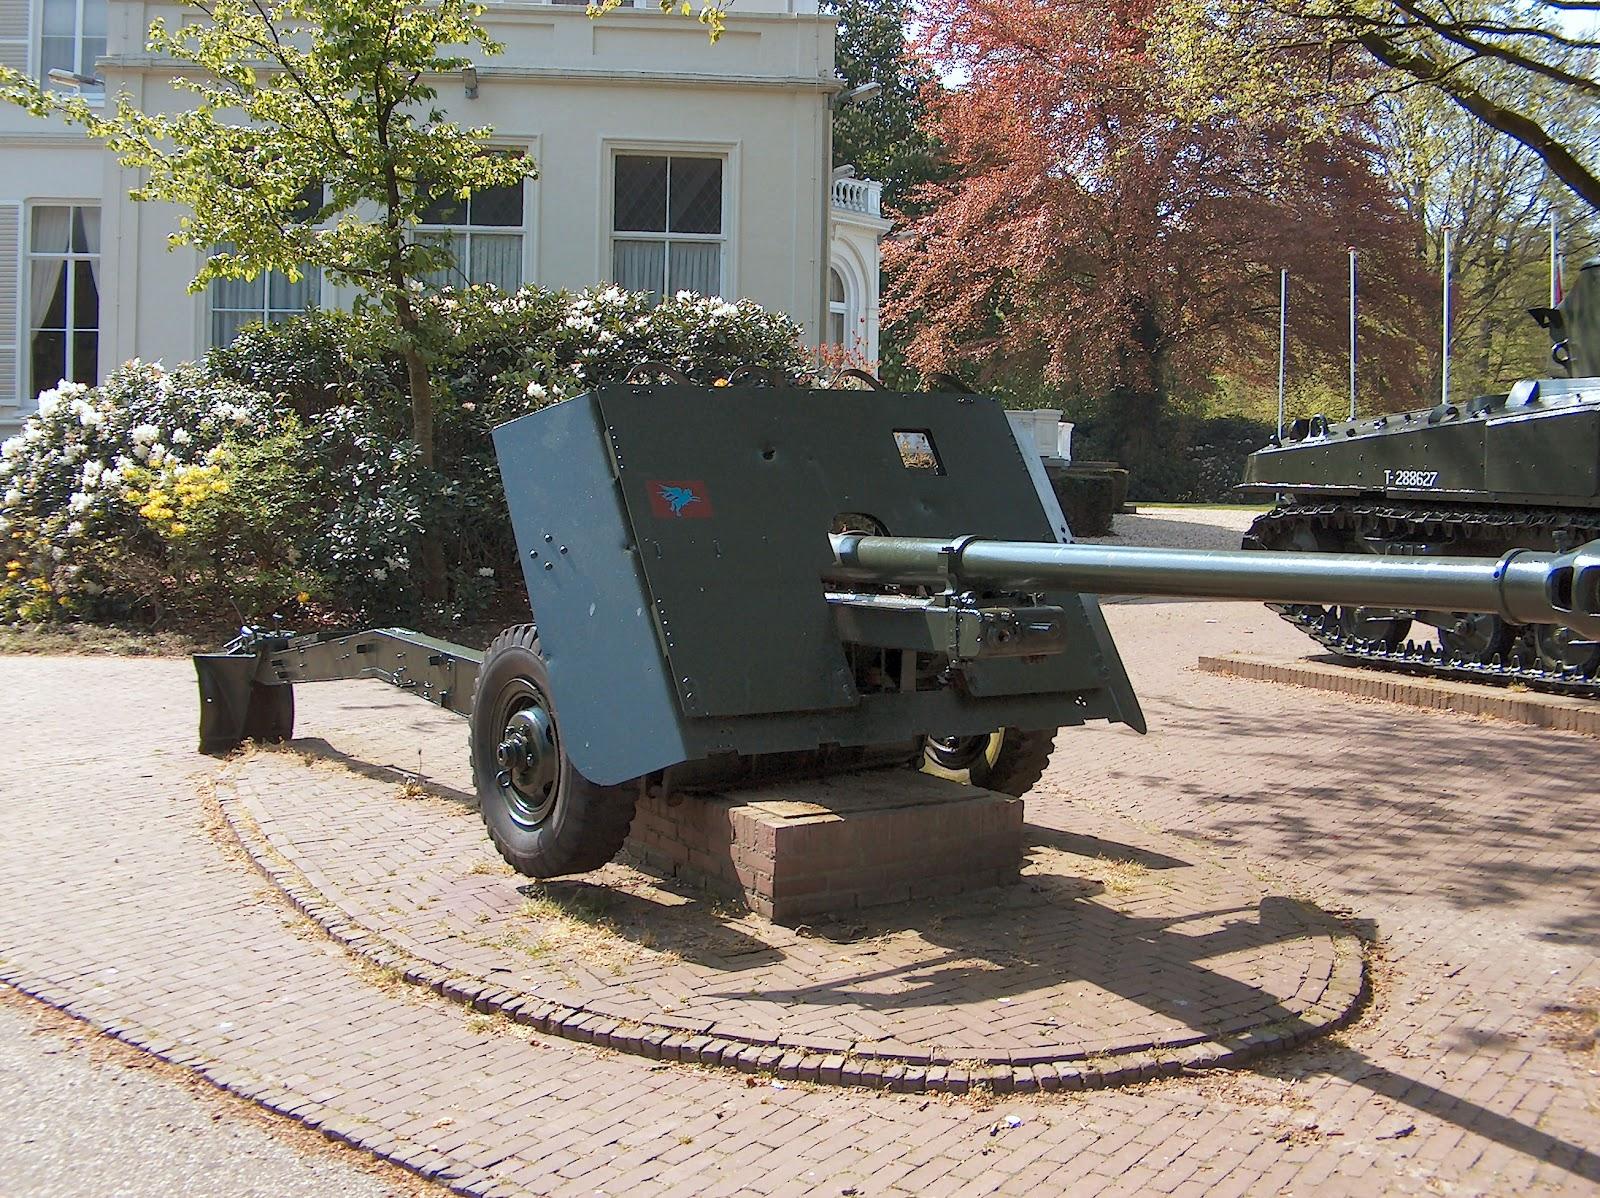 Arnhem Jim: The 17 pounder Anti-Tank Guns at Operation